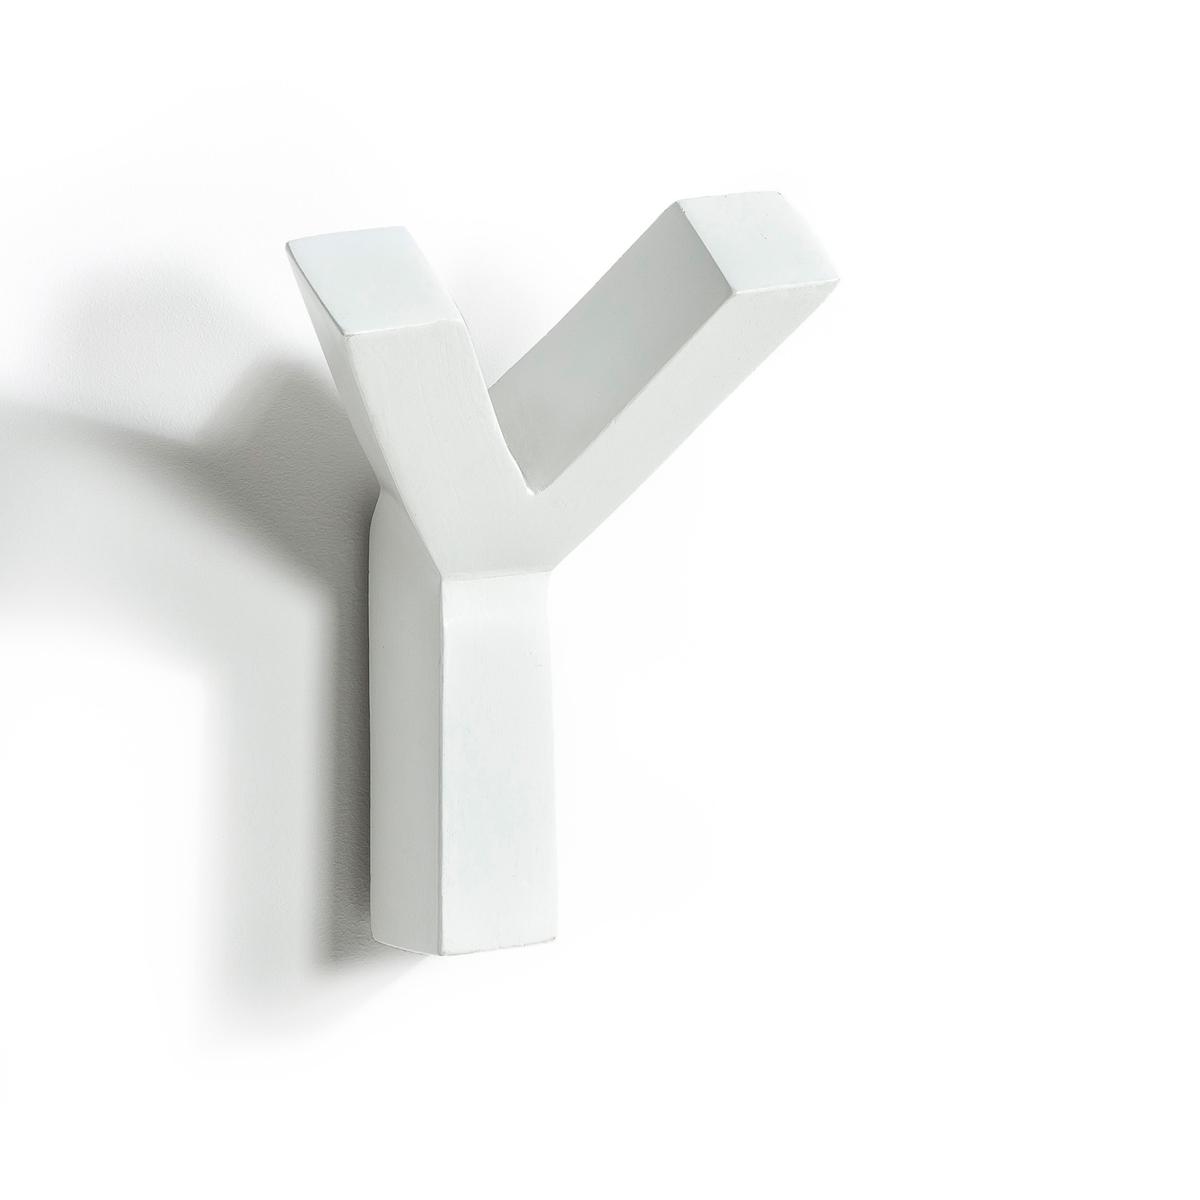 Вешалка настенная, Rama blancНастенная вешалка Rama. Простой графический дизайн в эстетическом скандинавском стиле   !Характеристики :- 2 крючка .- Из окрашенного массива мангового дерева.- Для крепления на стену (крепеж не продается отдельно).Размеры :- Ш.13 x В.15 x Г.6 см.<br><br>Цвет: белый<br>Размер: единый размер